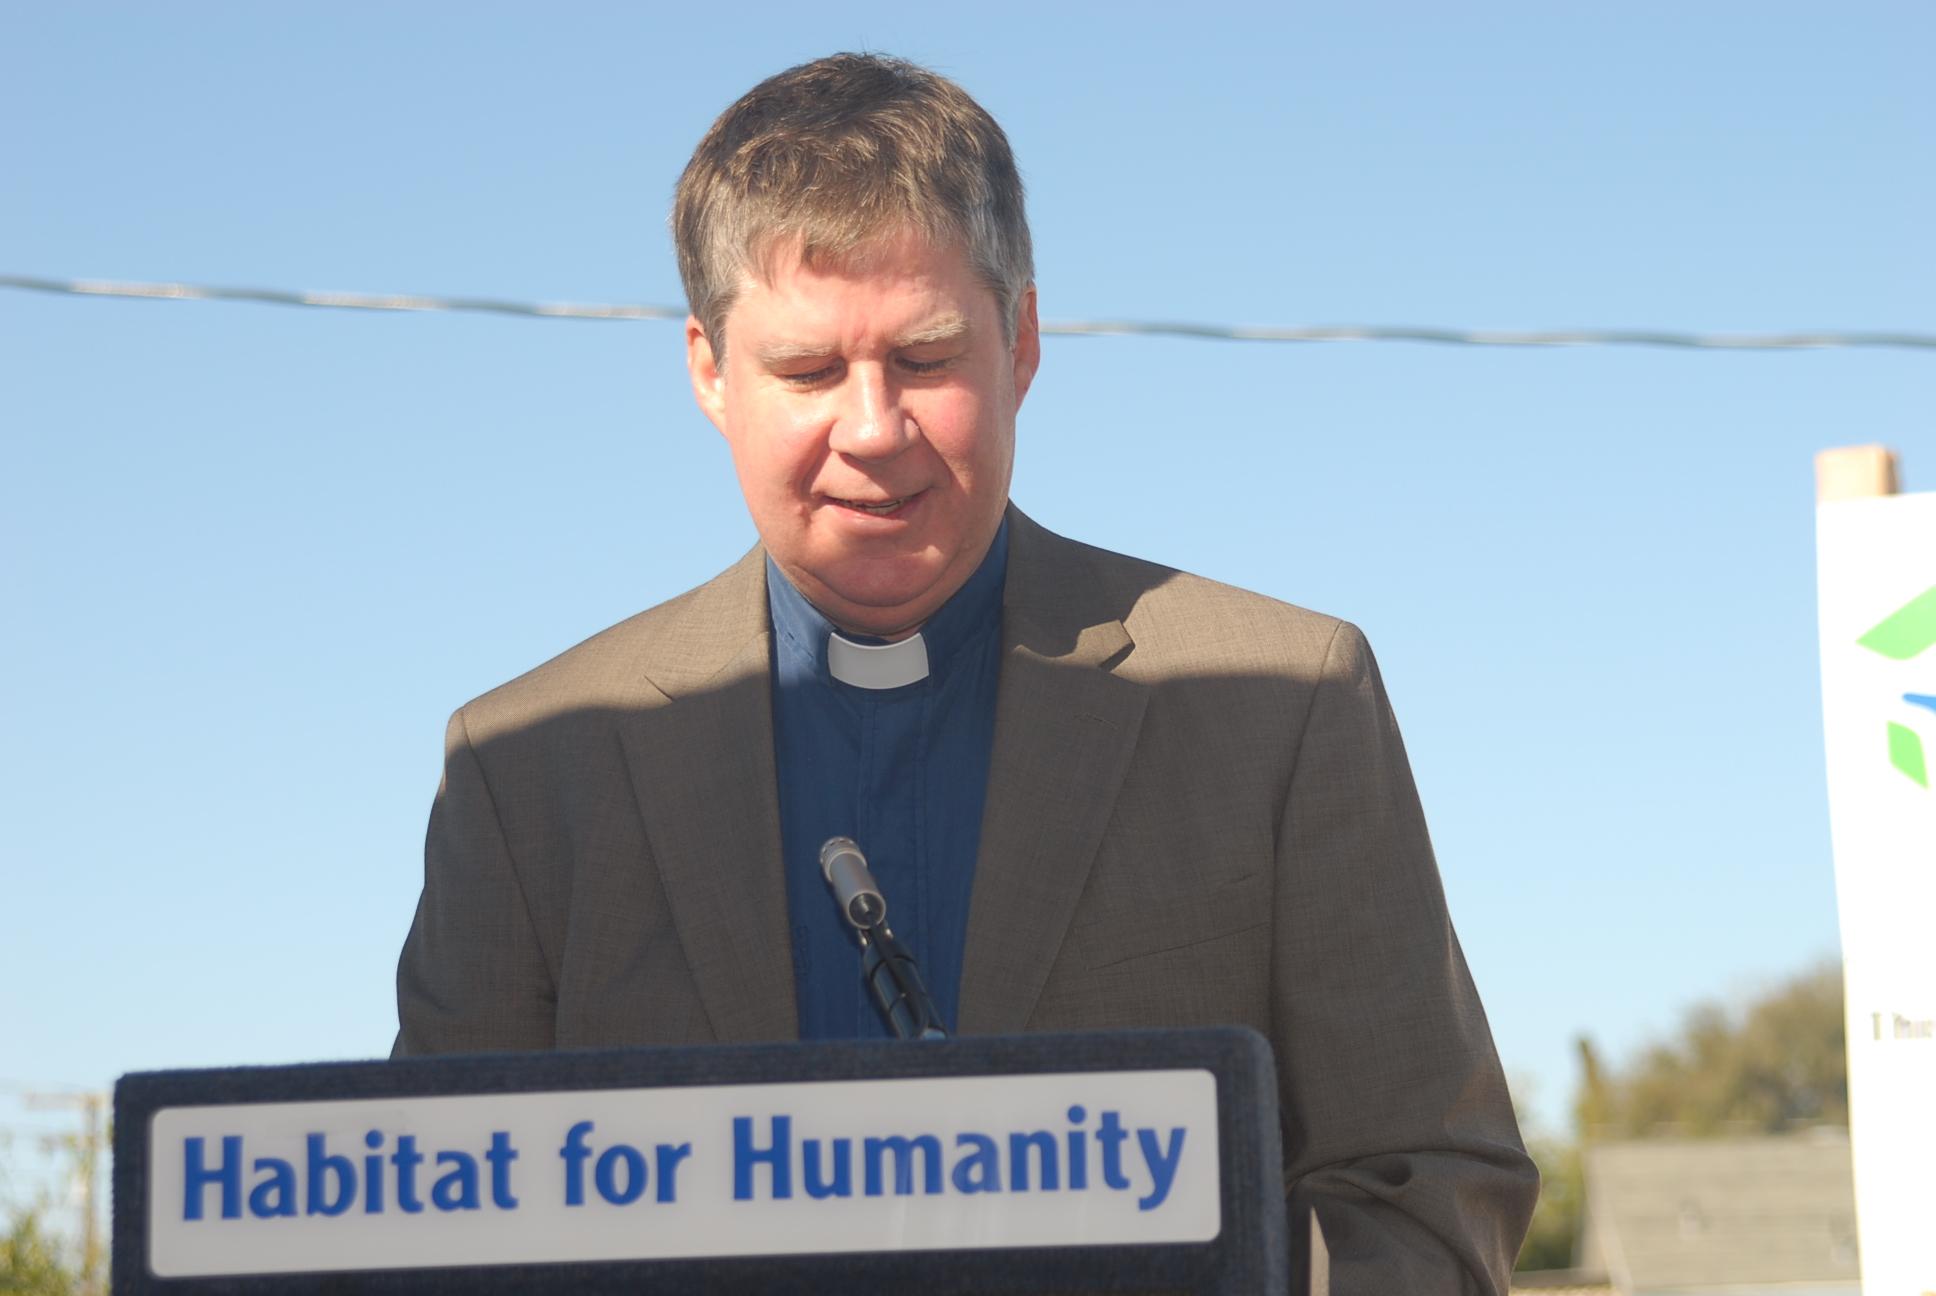 Pastor Kent Tuohino